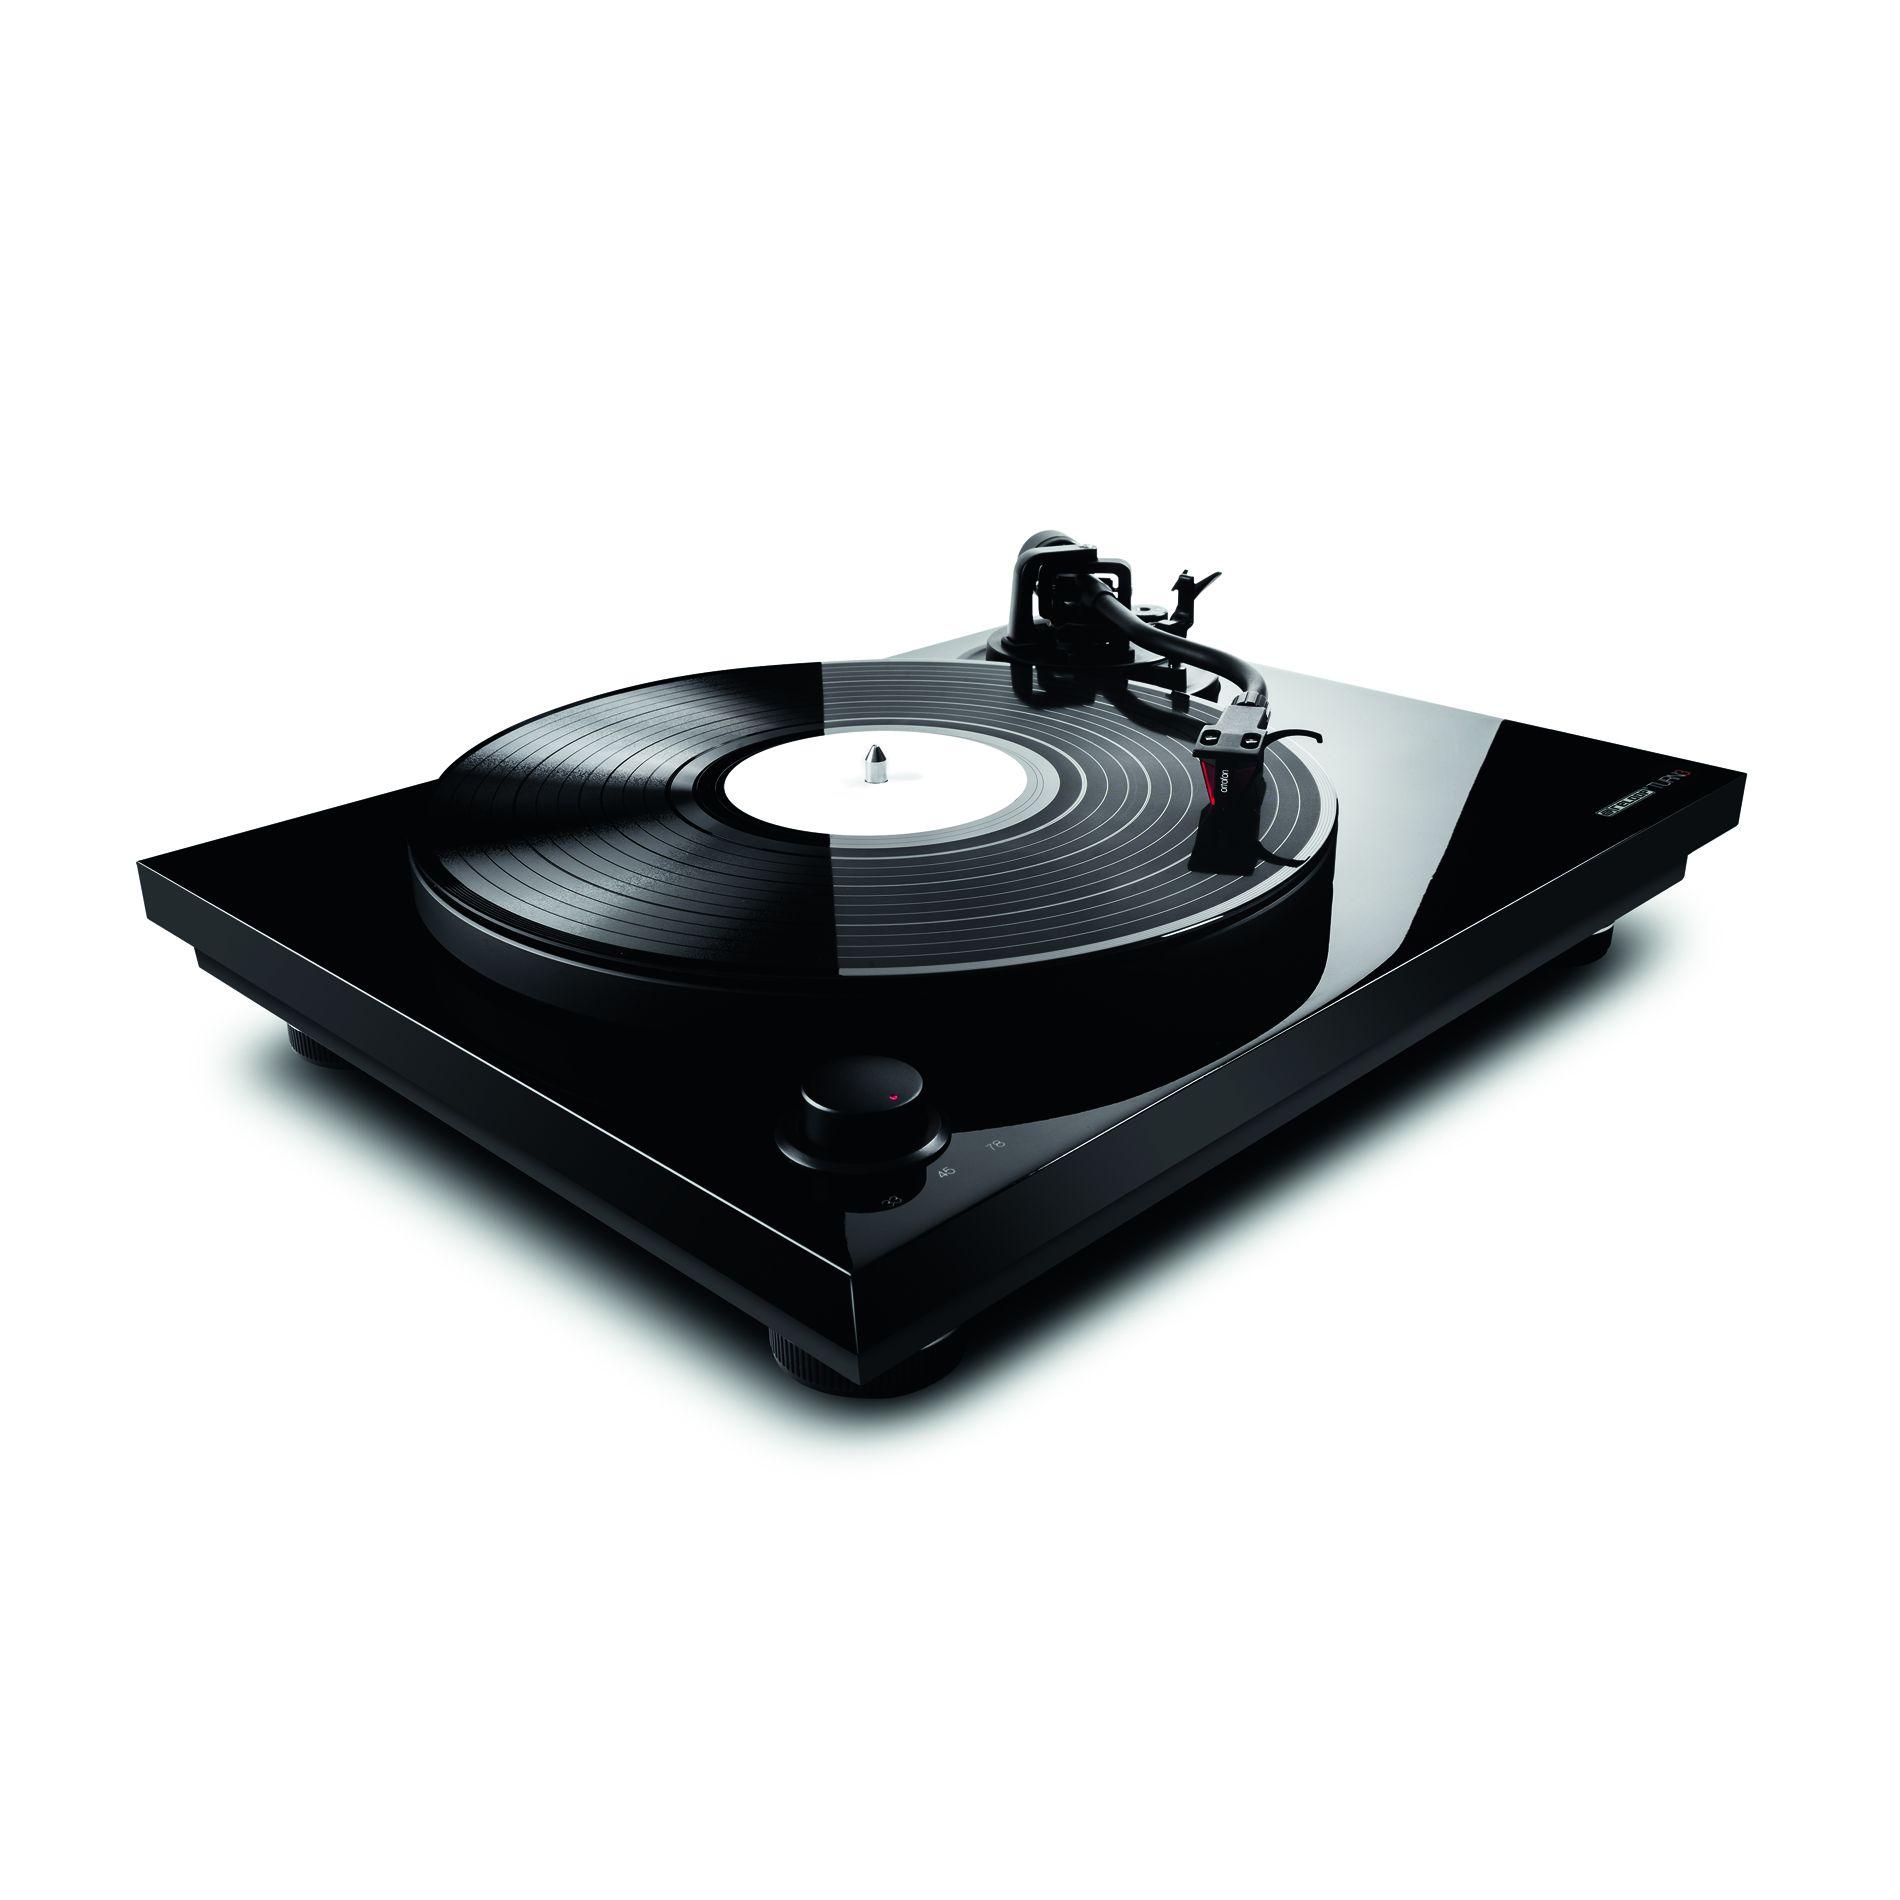 platine vinyle reloop turn 3 s shape. Black Bedroom Furniture Sets. Home Design Ideas